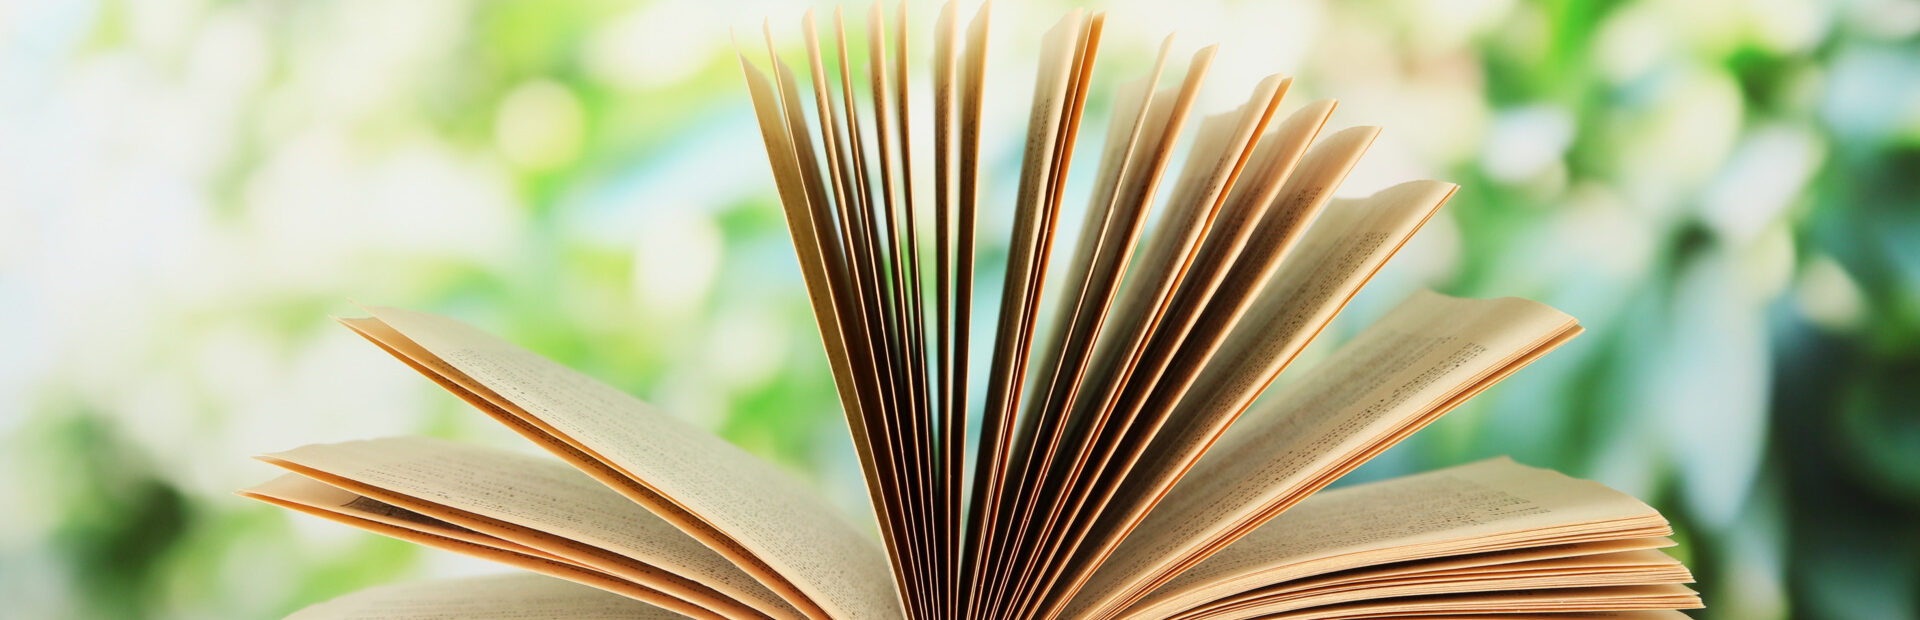 Pomorskie in books